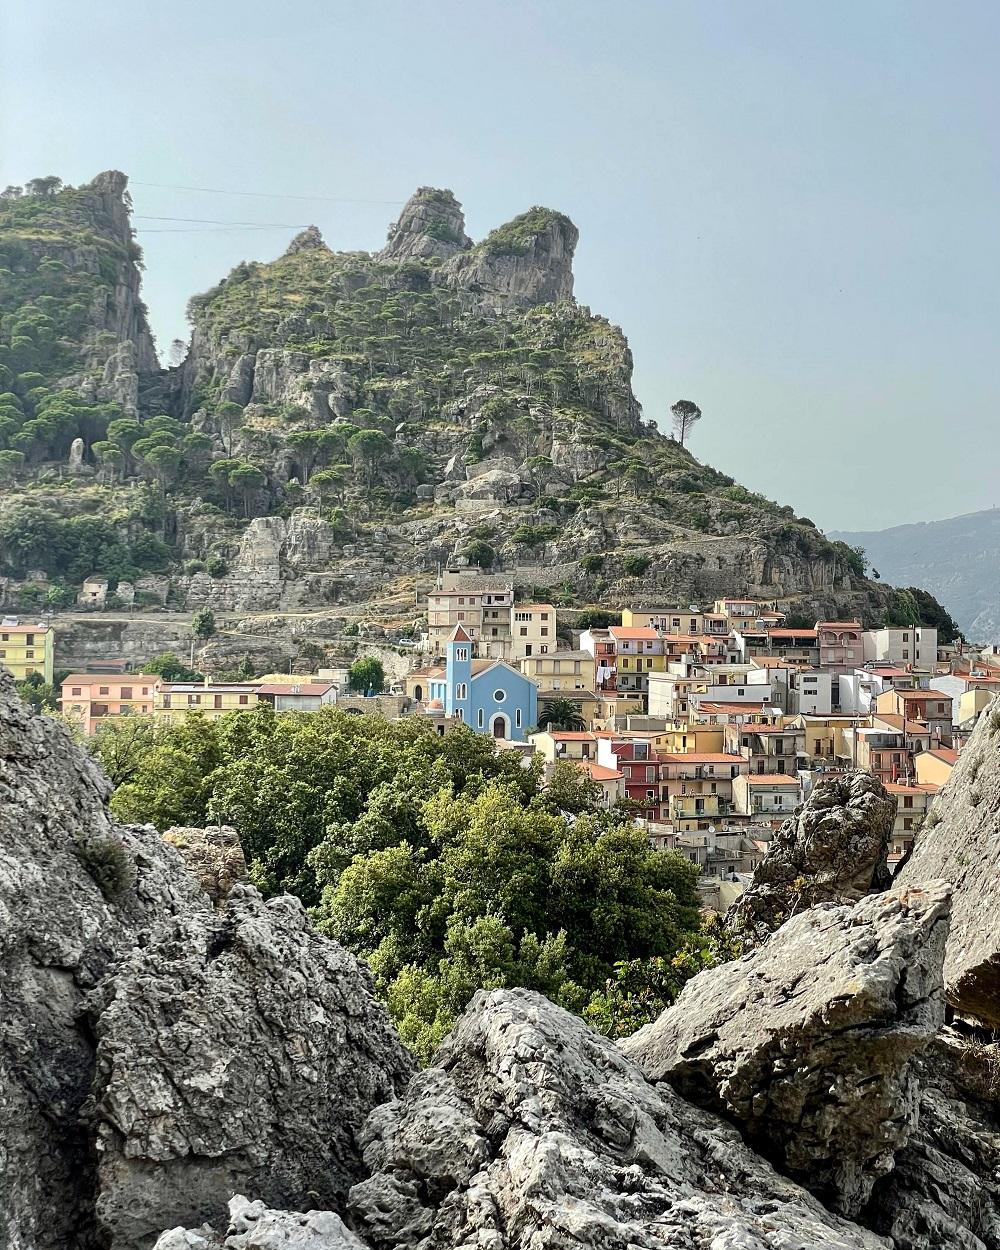 ulassai sardegna borghi poco conosciuti d'Italia da visitare